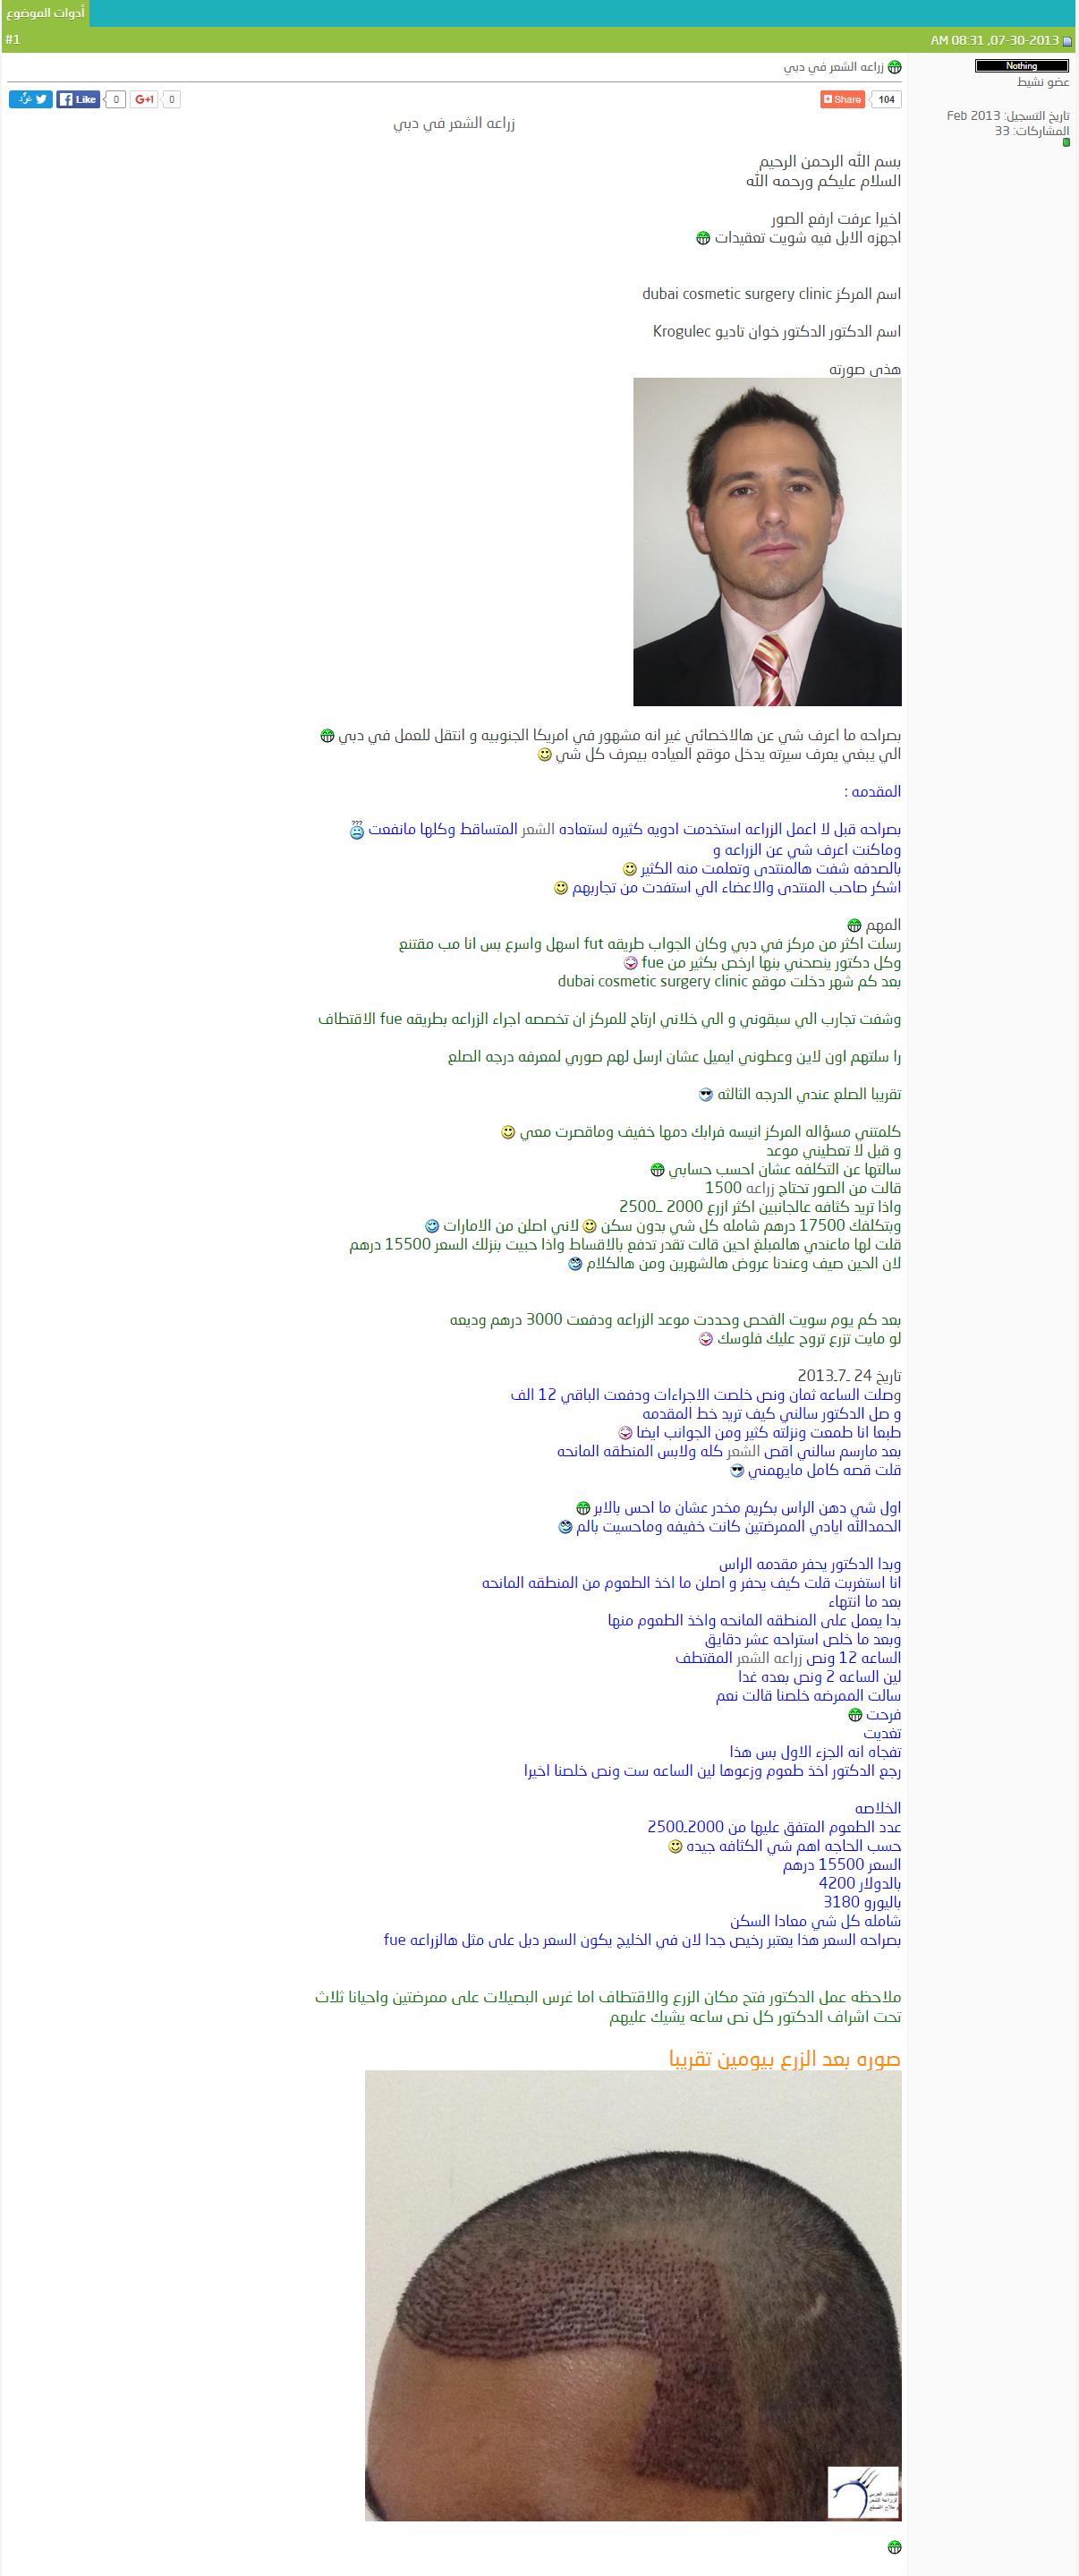 زراعه الشعر في دبي المنتدى العربي لزراعة الشعر وعلاج الصلع